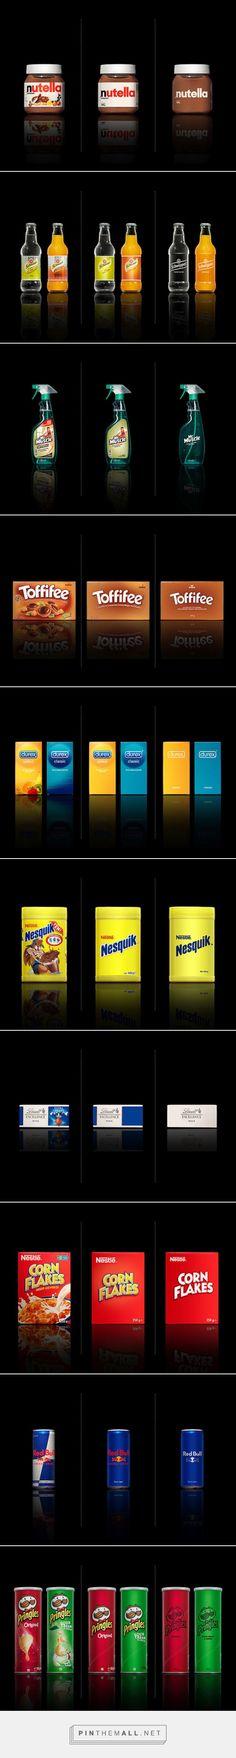 Minimalist Effect In The Maximalist Market by Mehmet Gözetlik #packaging - http://www.packagingoftheworld.com/2015/01/minimalist-effect-in-maximalist-market.html